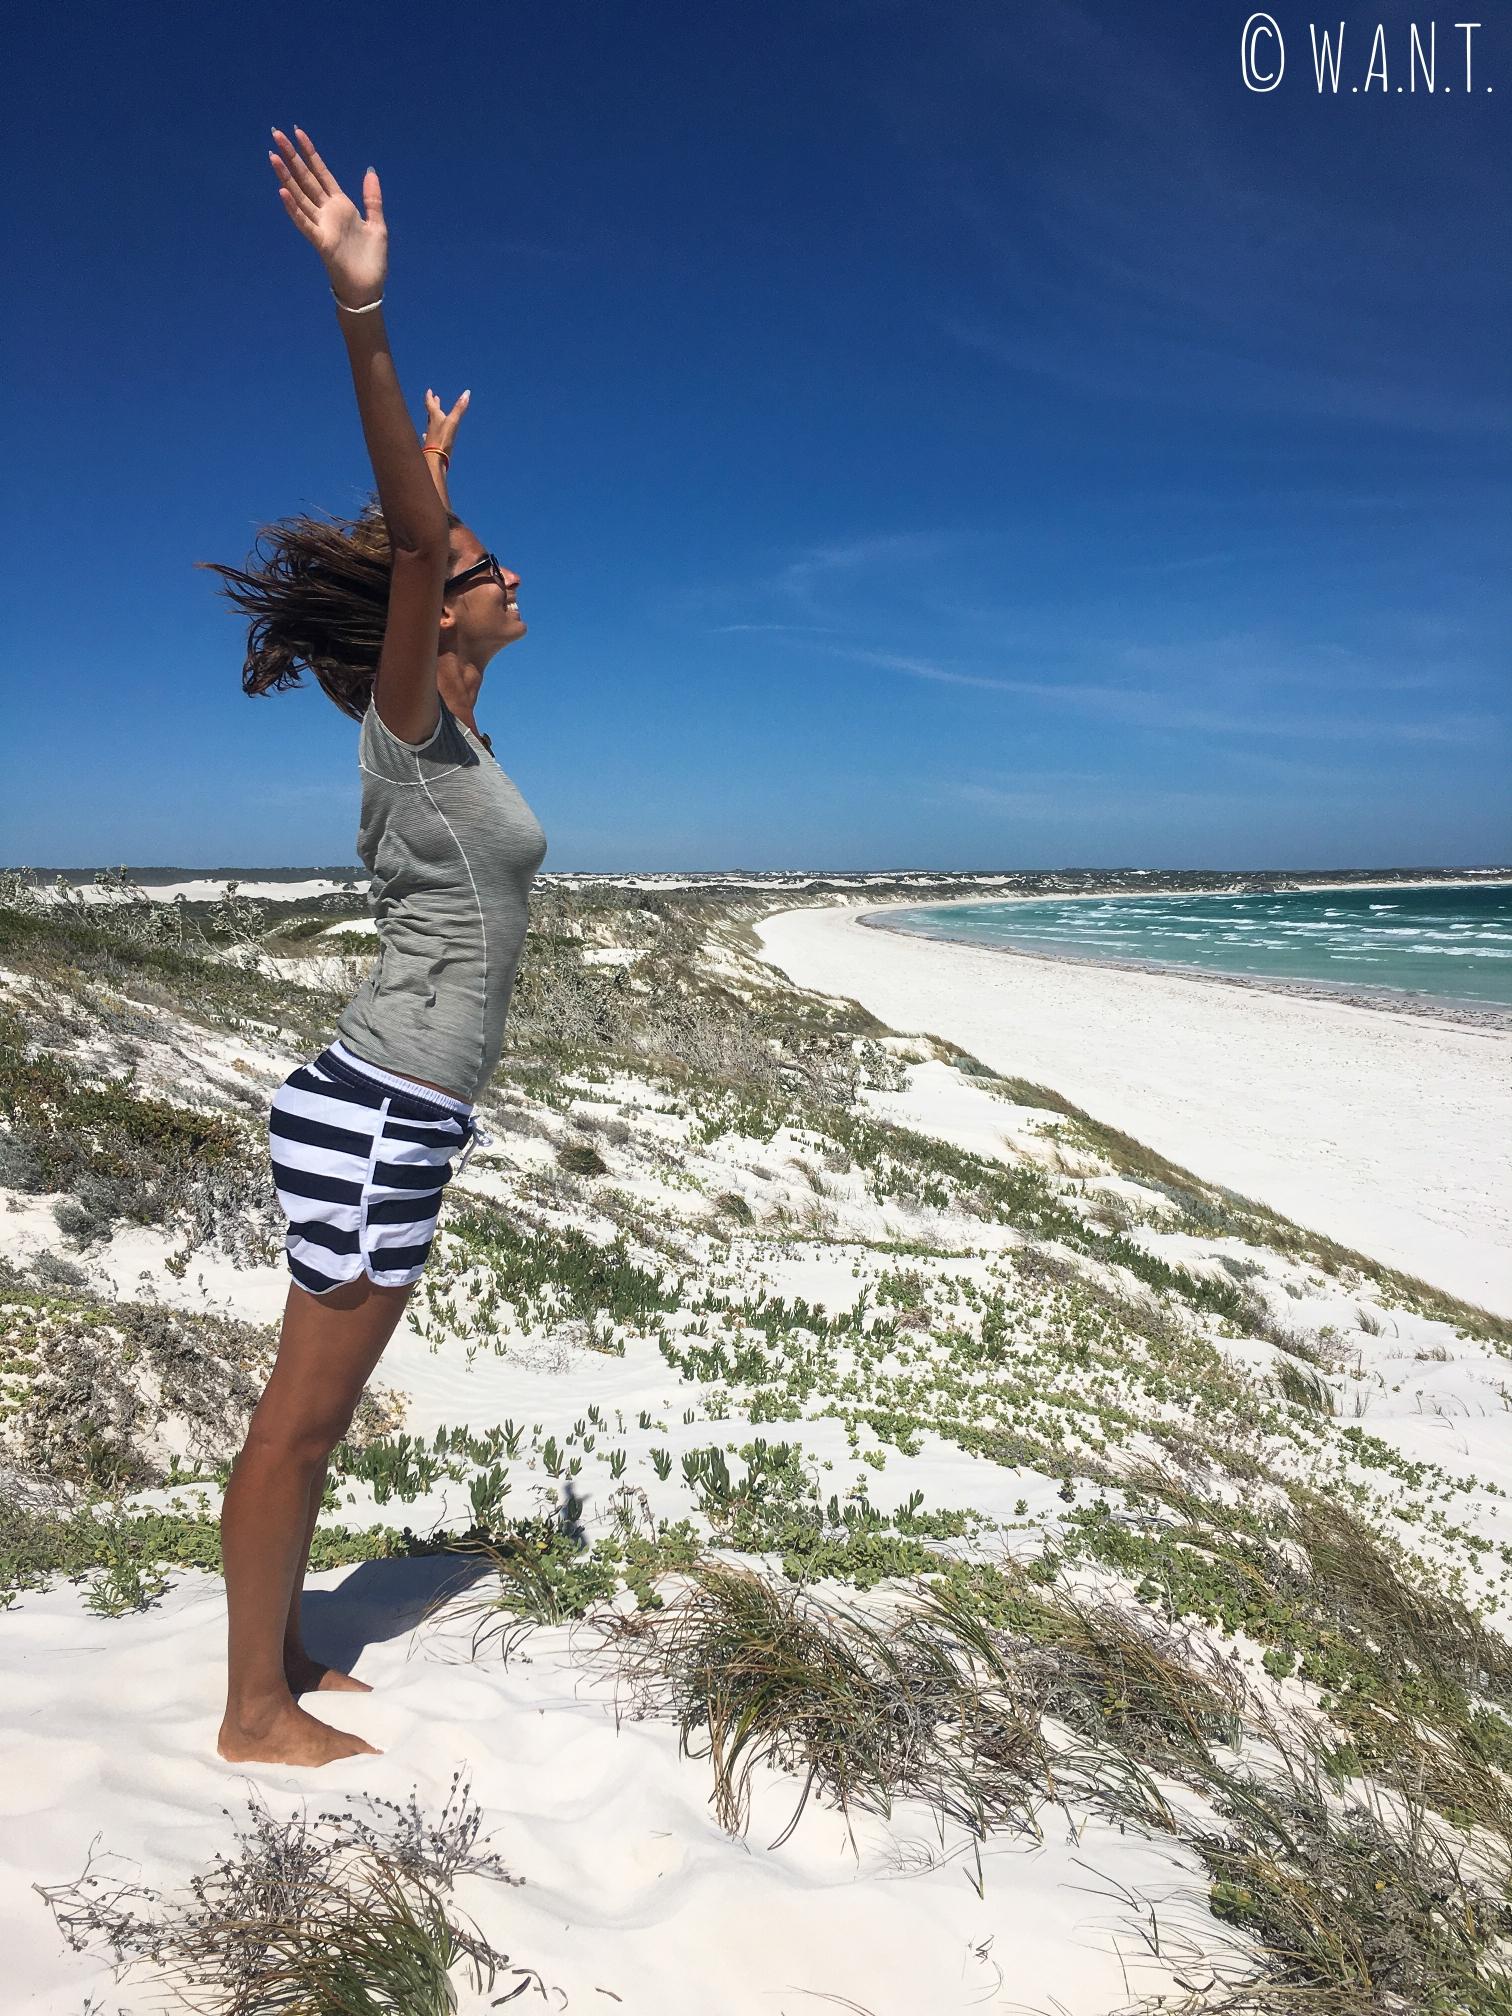 Le vent est tellement fort sur Wedge Island au nord de Perth